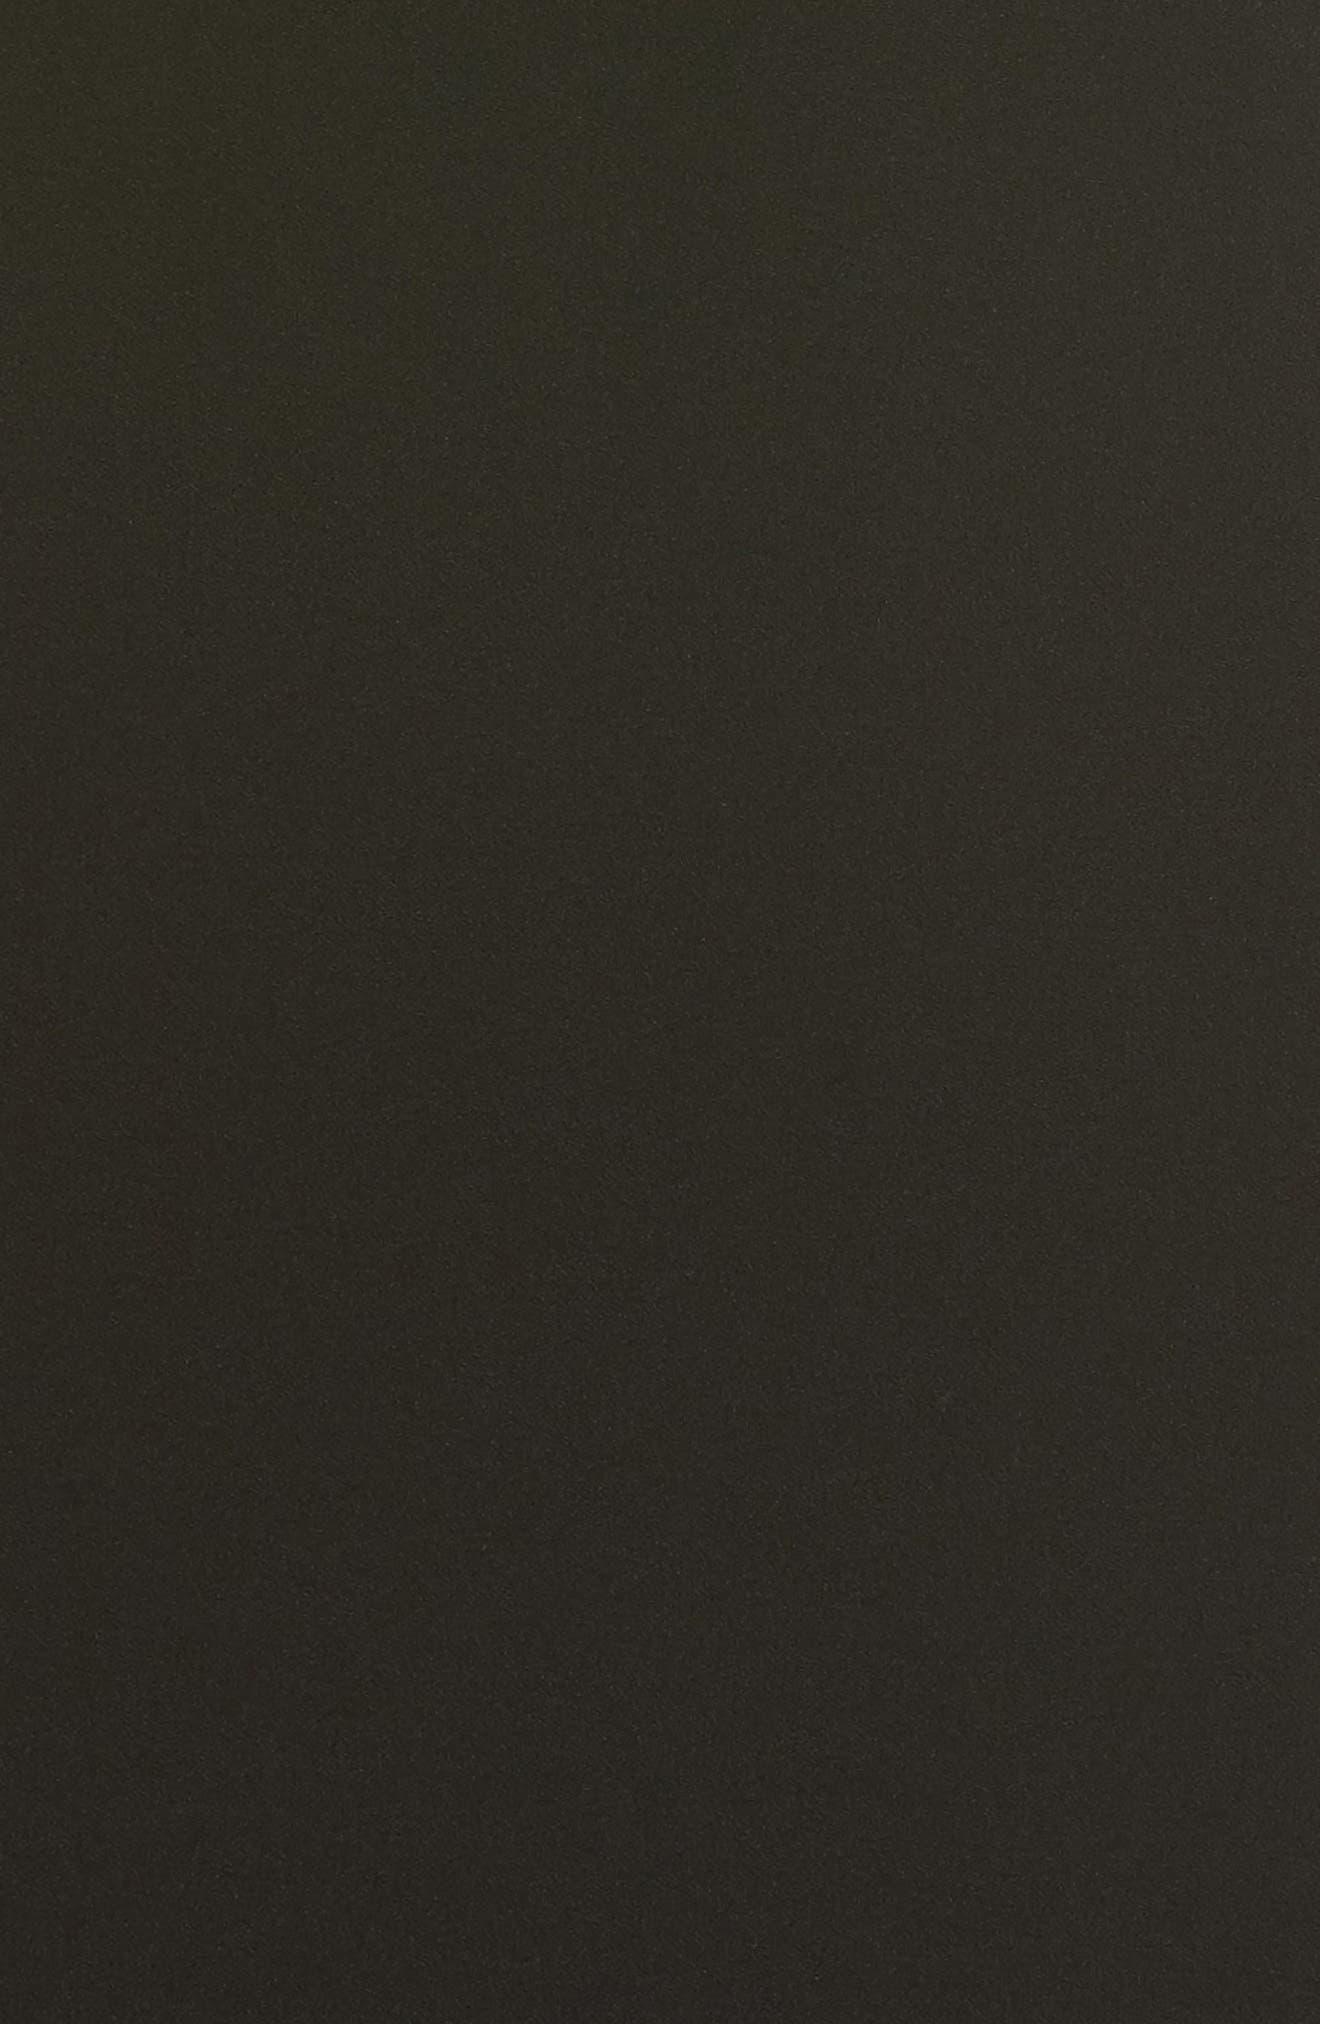 V-Neck Ruffle Hem Sheath Dress,                             Alternate thumbnail 5, color,                             001